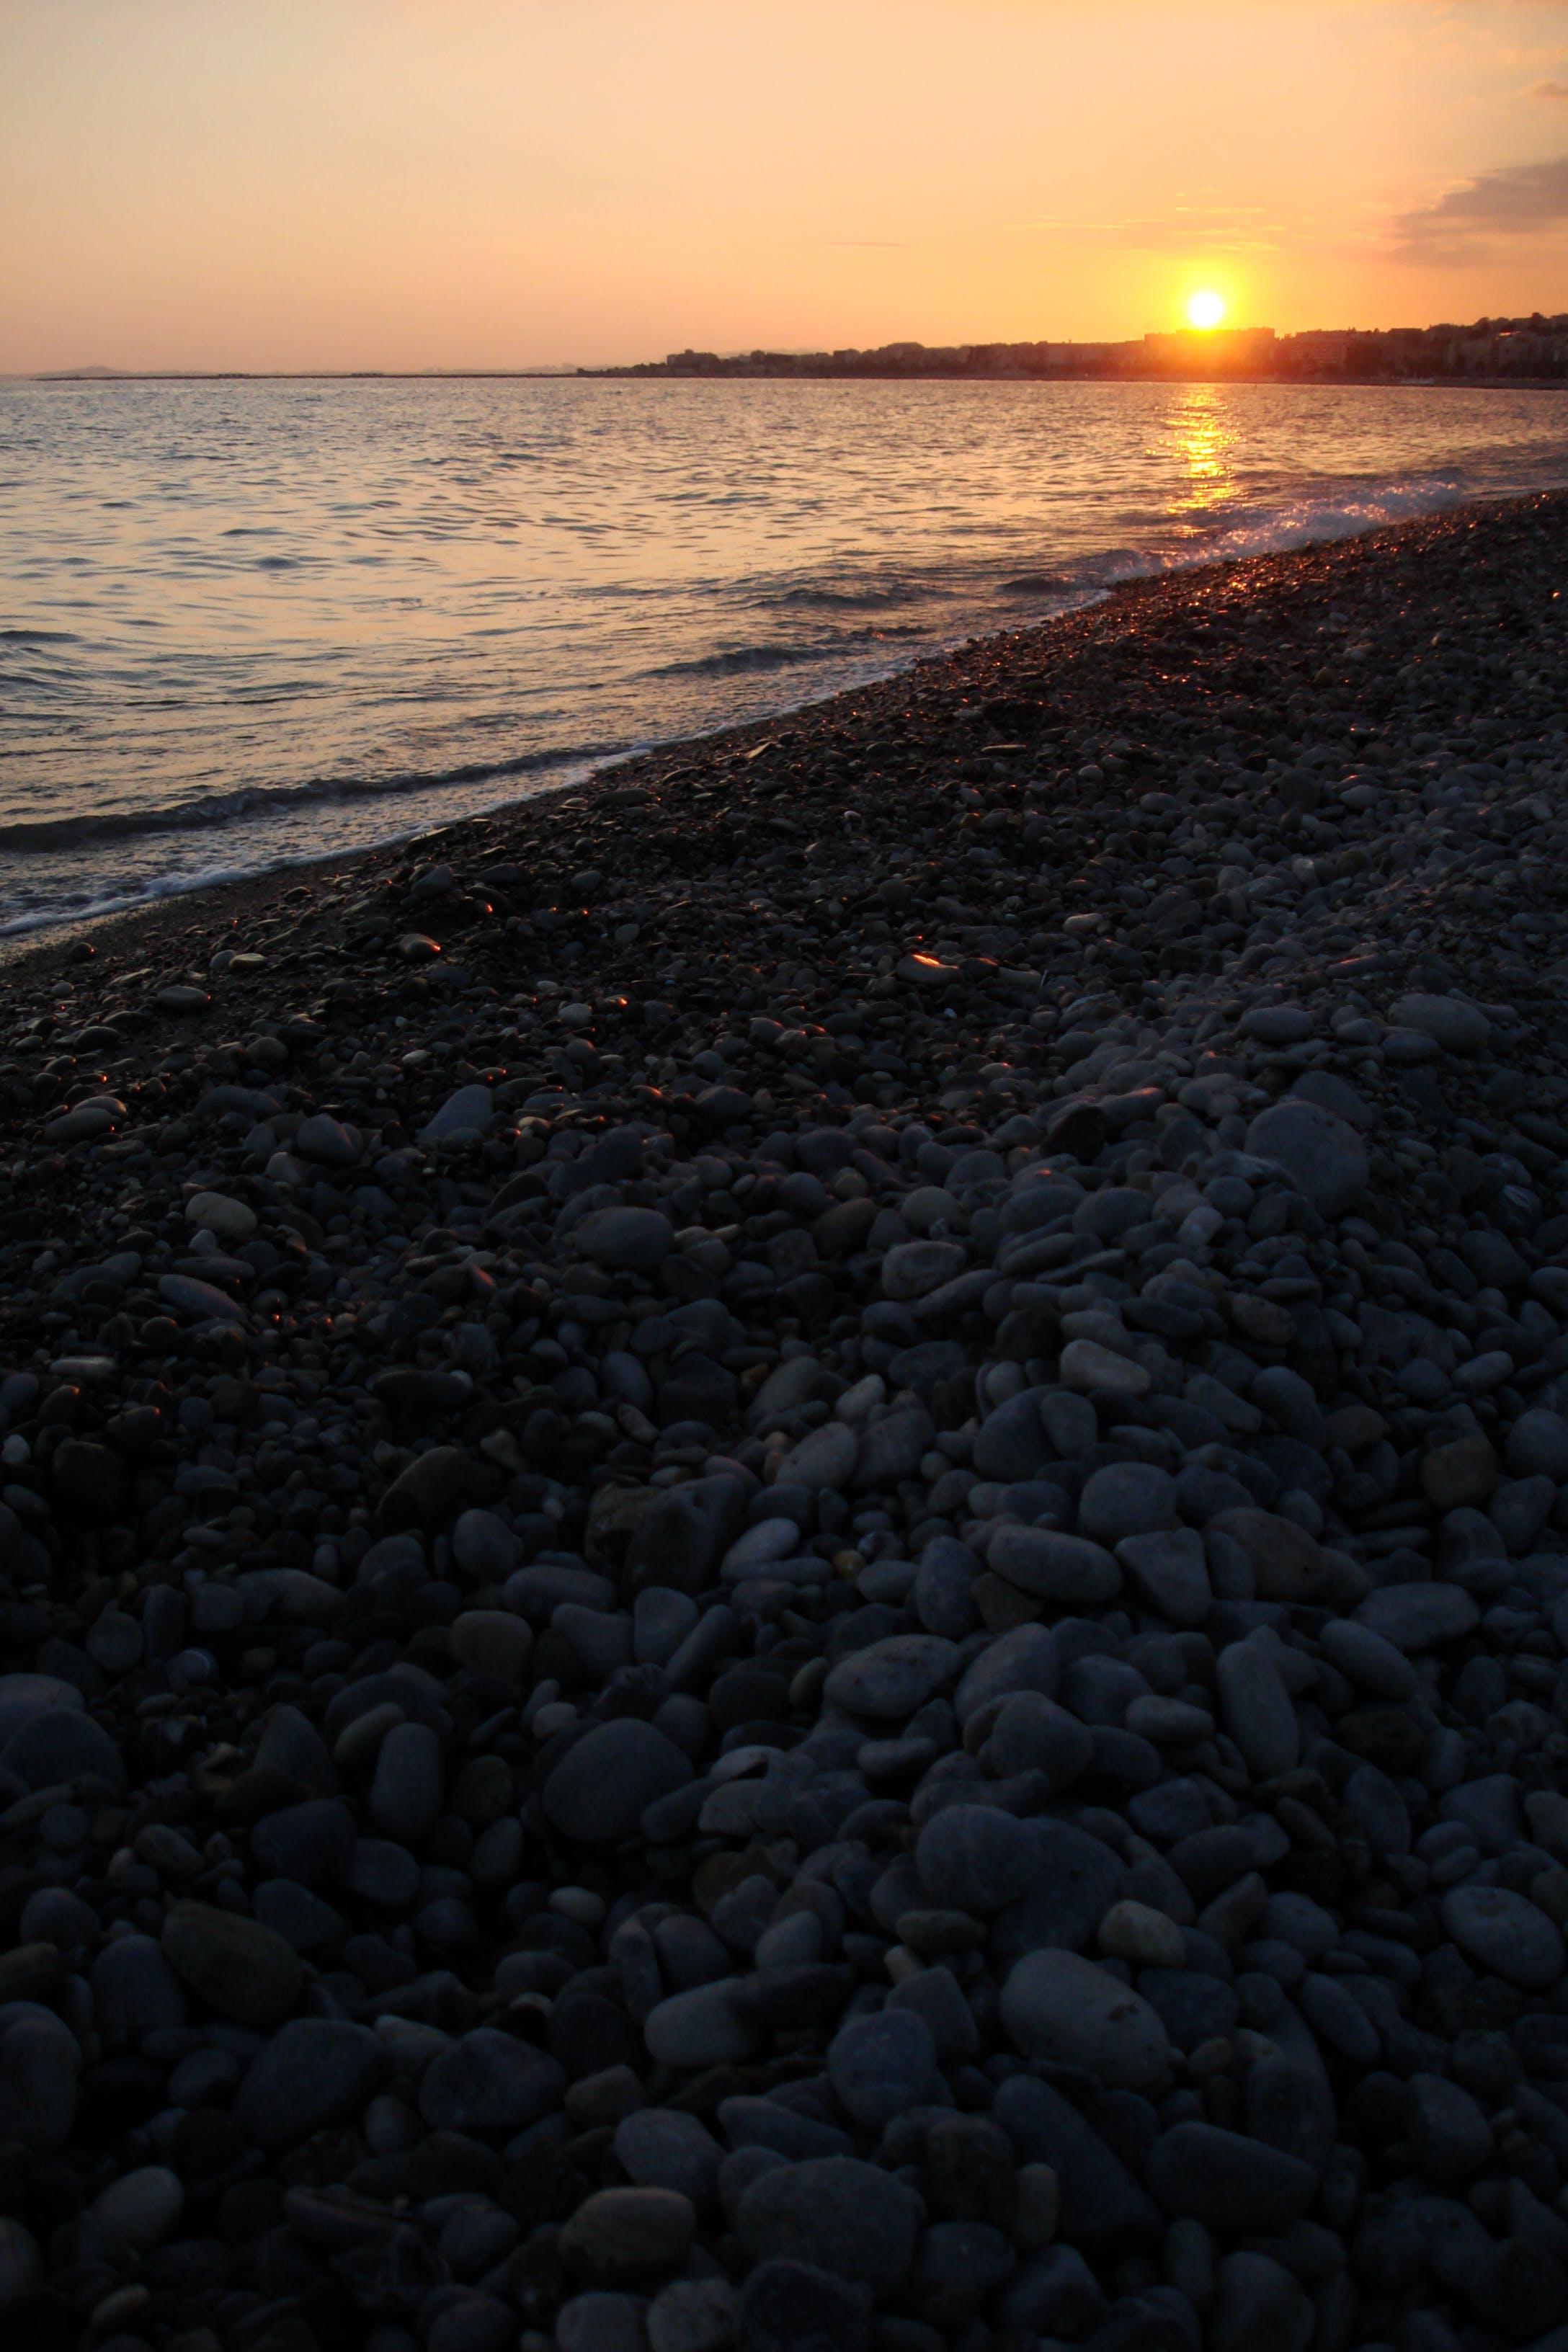 Free stock photo of beach, deep ocean, golden sunset